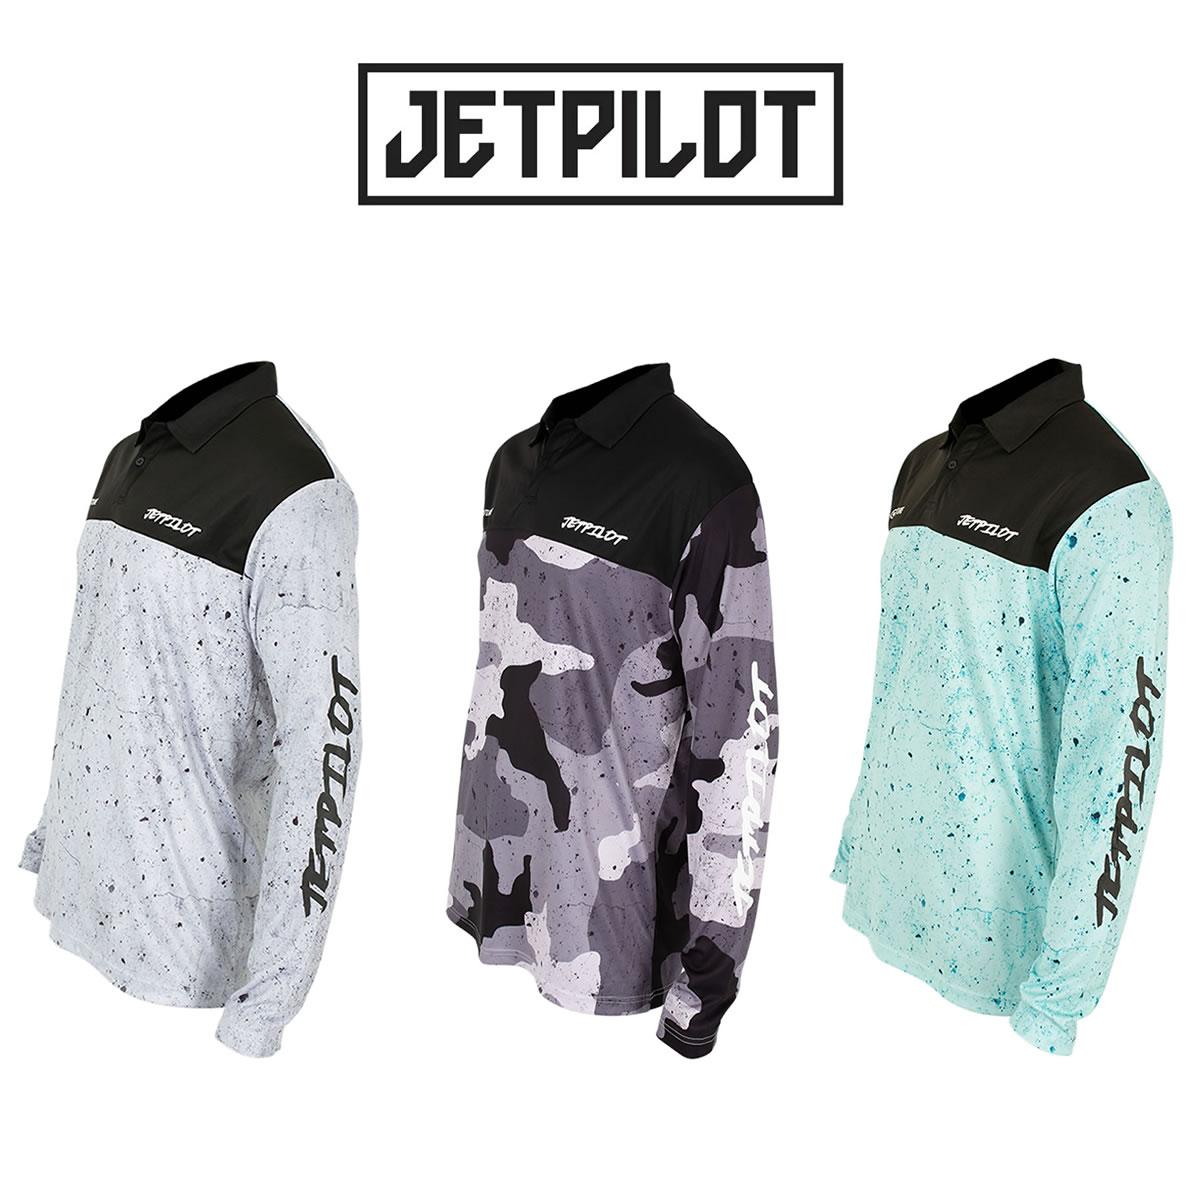 JETPILOT(ジェットパイロット) 長袖ラッシュシャツ VENTURE (JA21180)レターパックライト対応